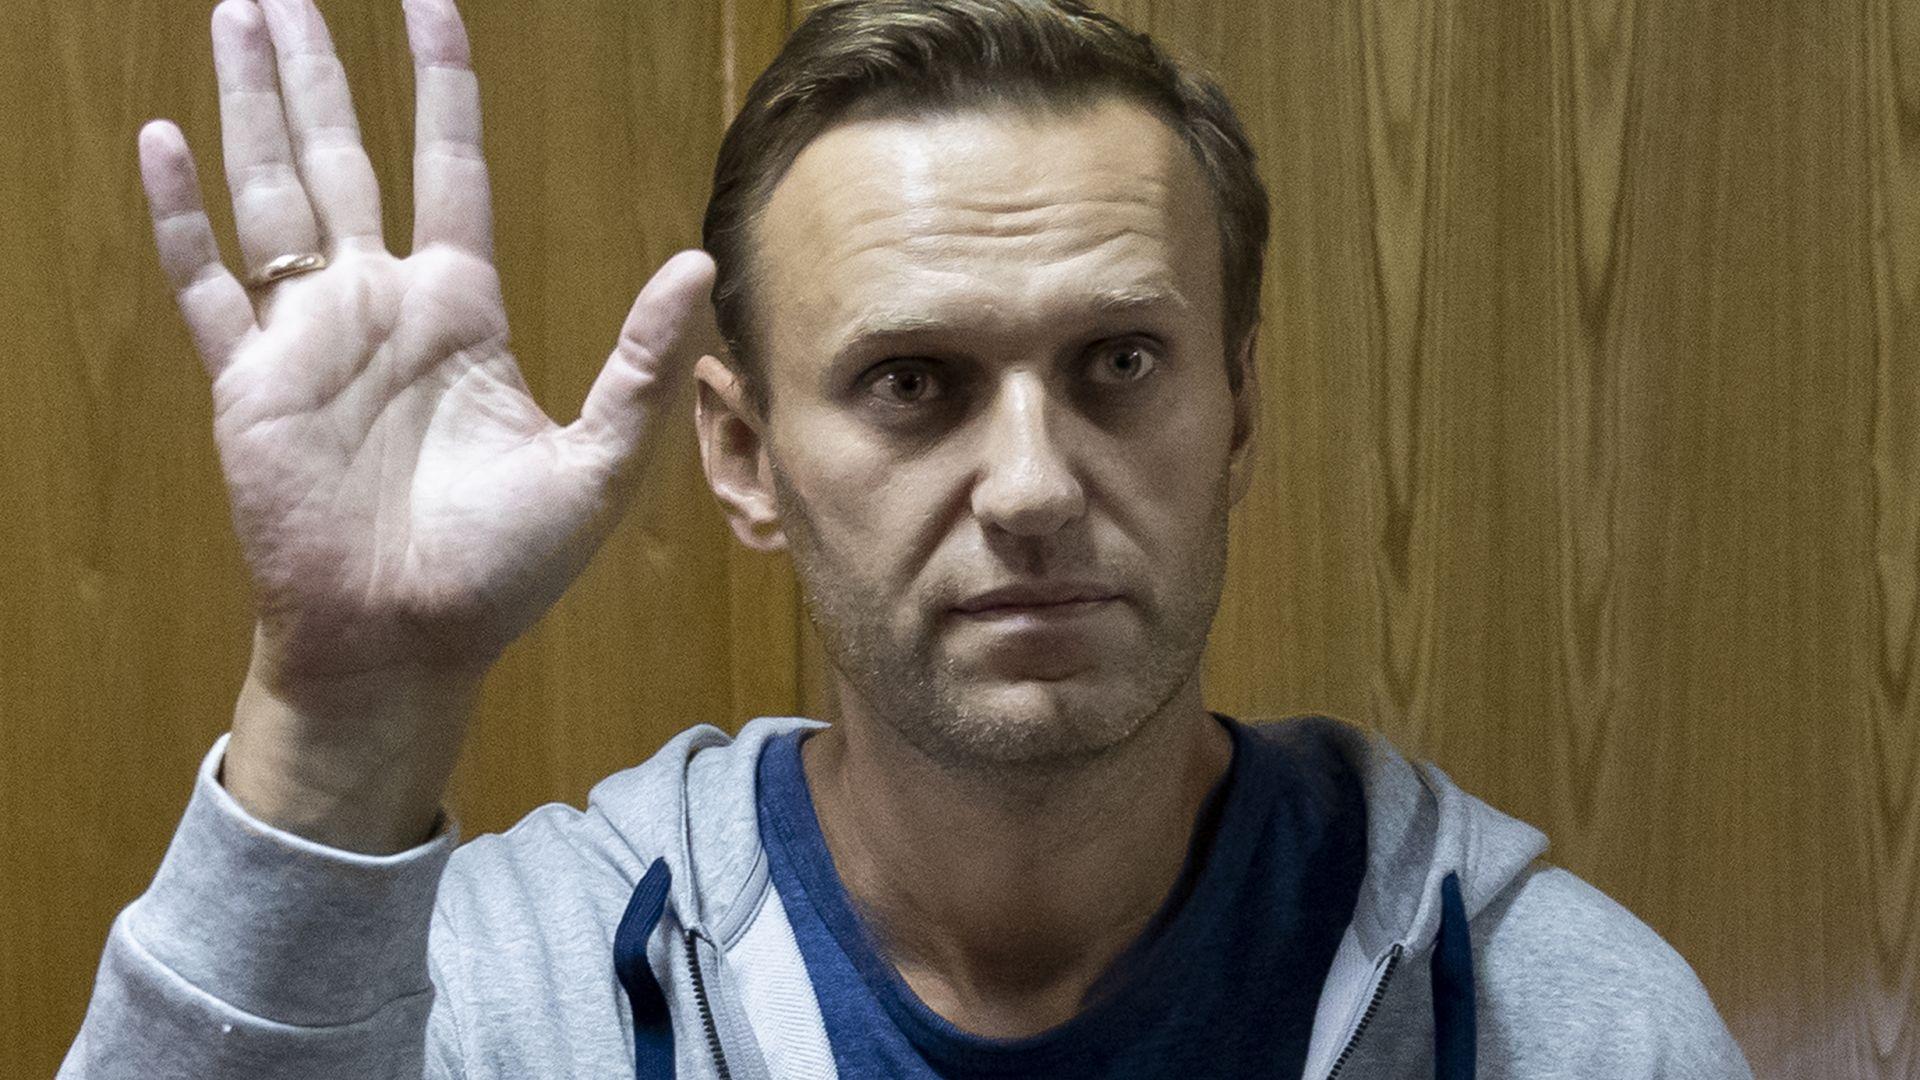 Критикът на Кремъл Алексей Навални бе осъден на 30 дни административен арест